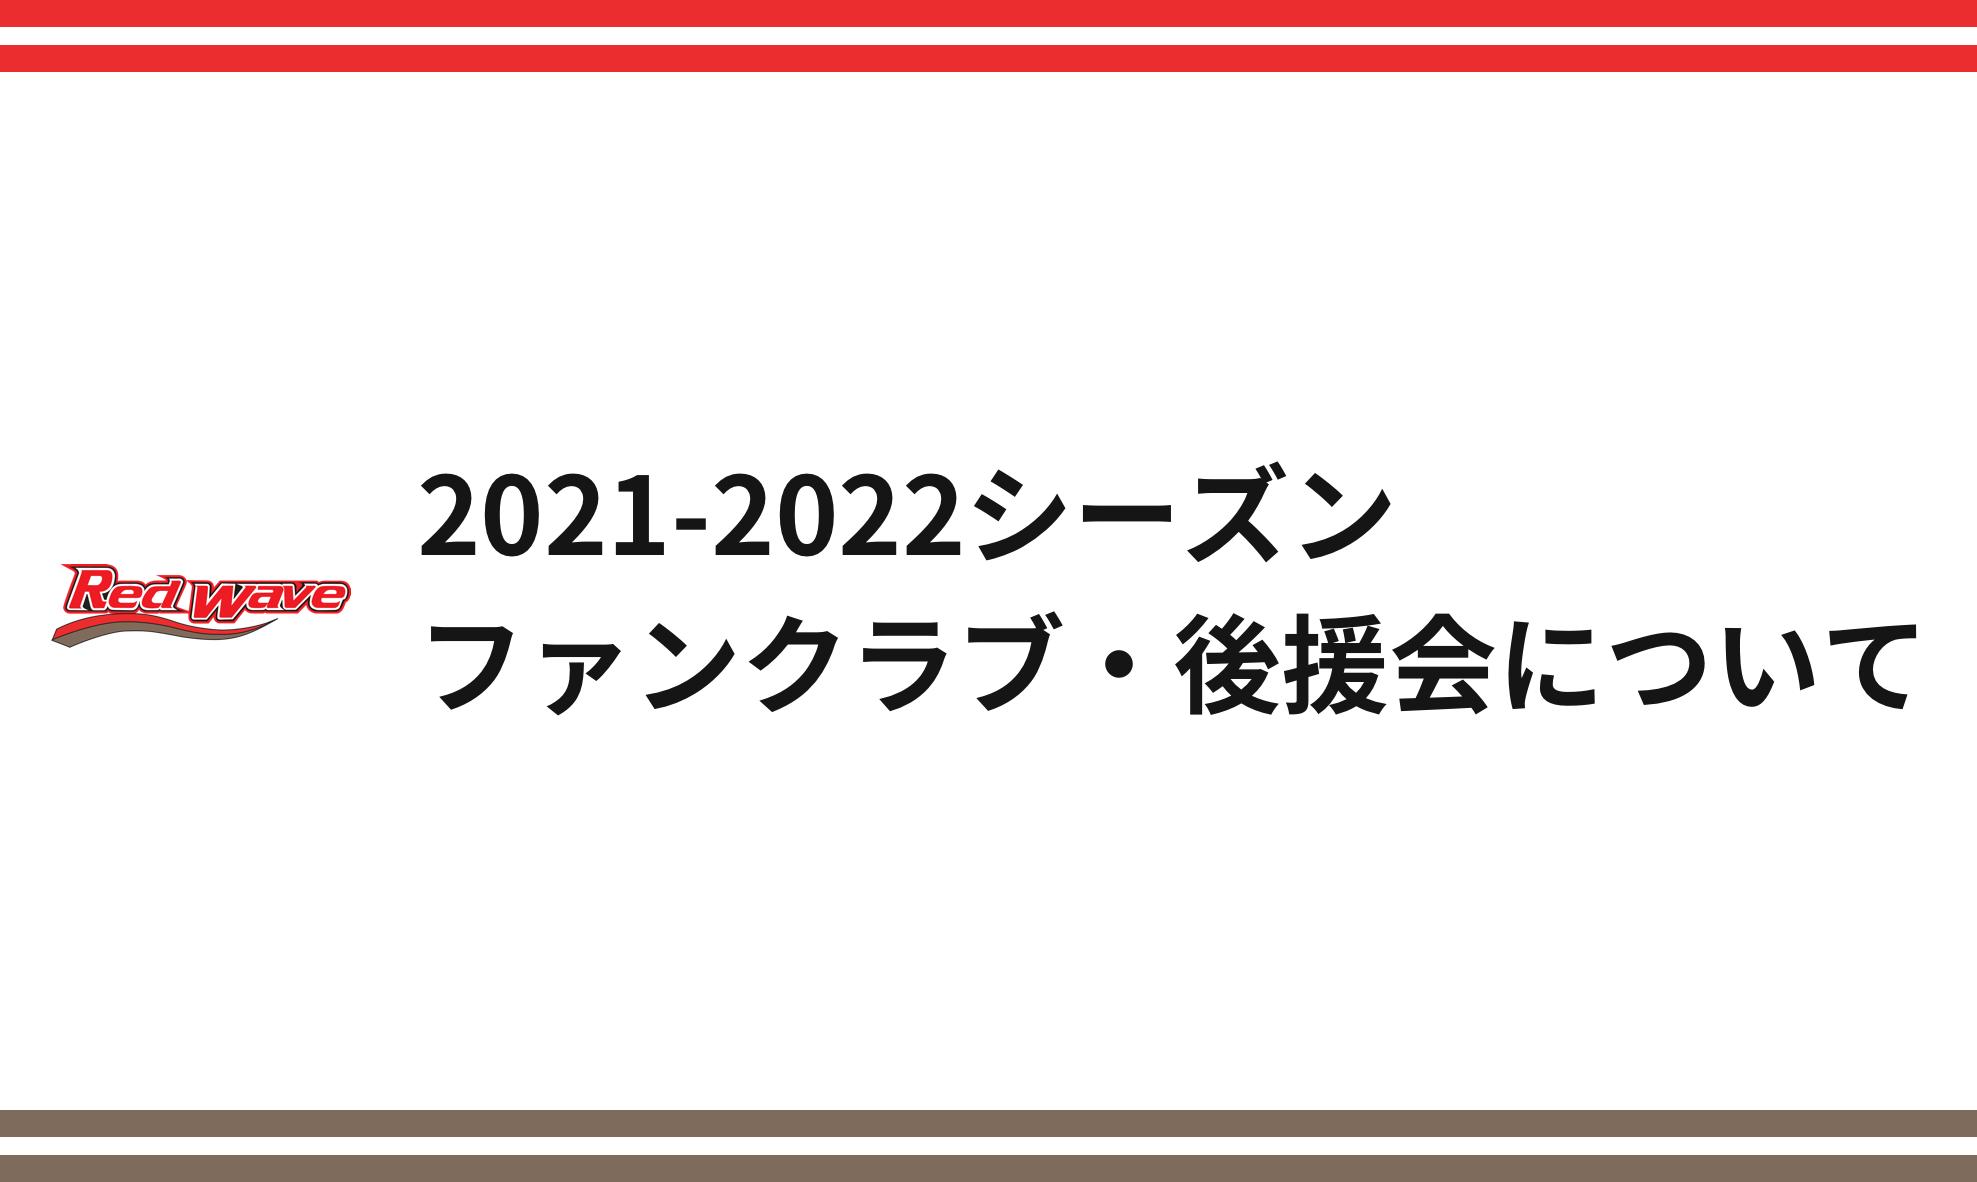 2021-2022シーズン ファンクラブ・後…